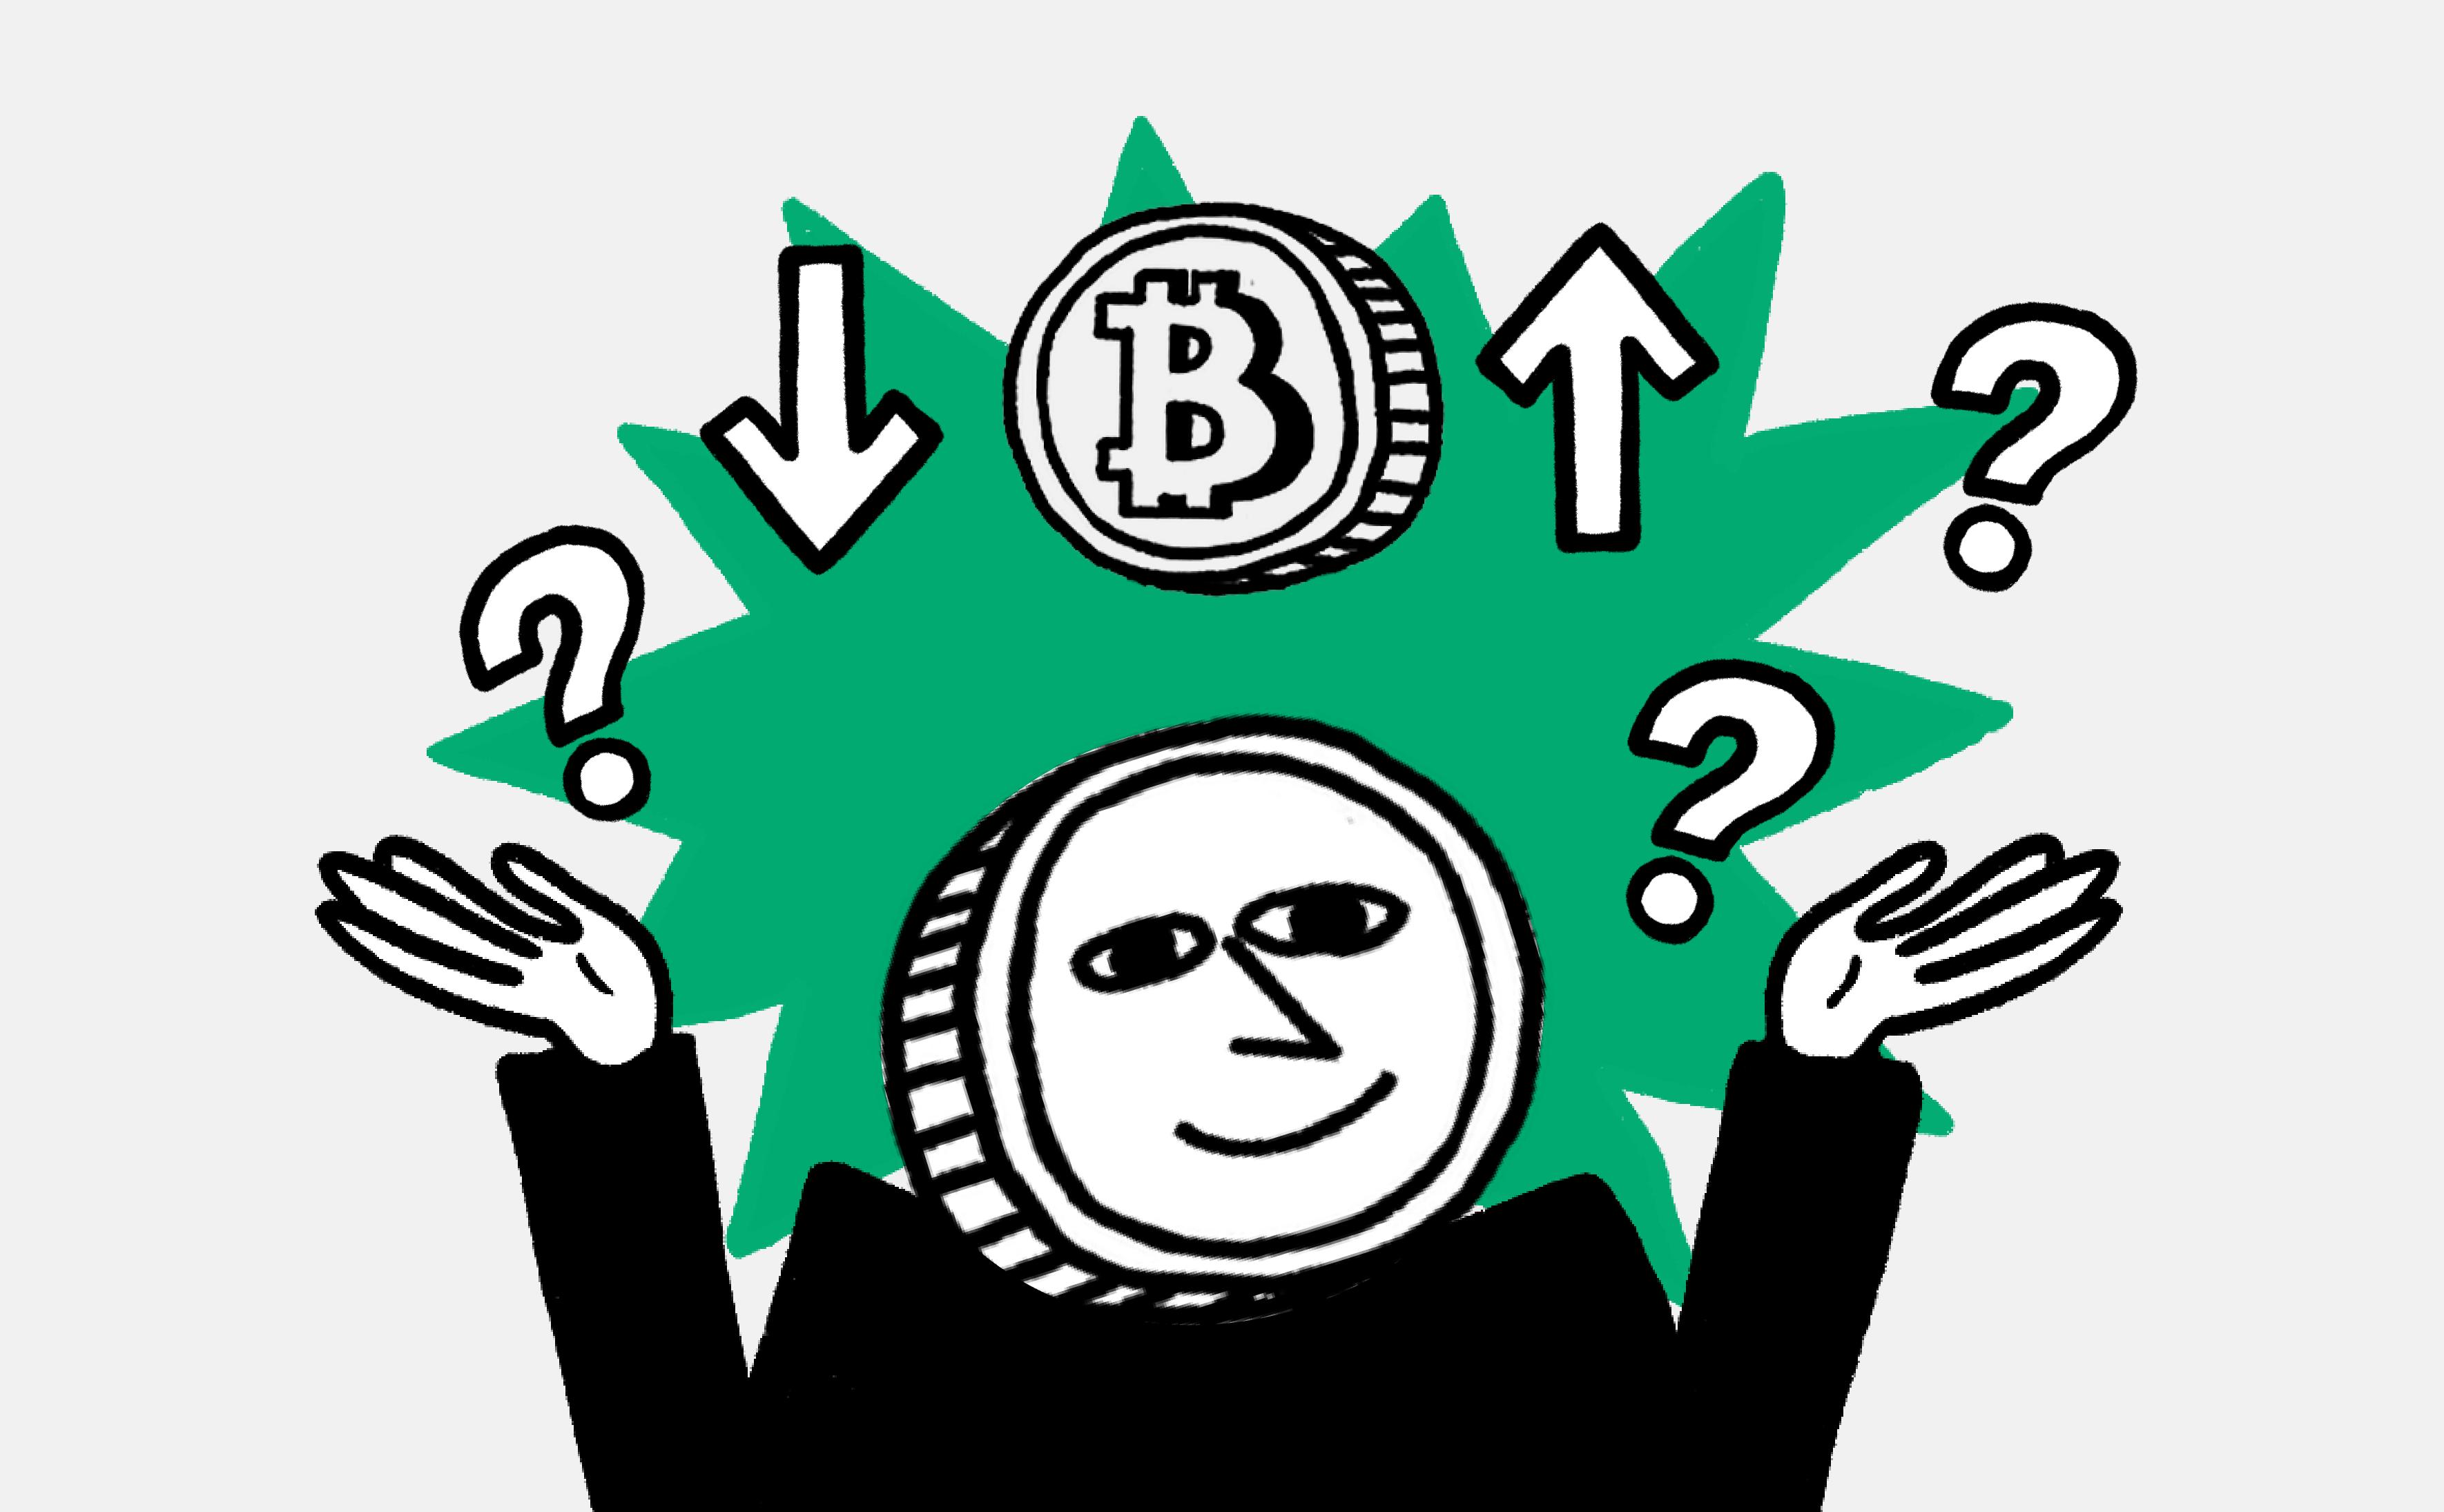 Обвал или новый максимум. Что будет с рынком криптовалют до конца года :: РБК.Крипто